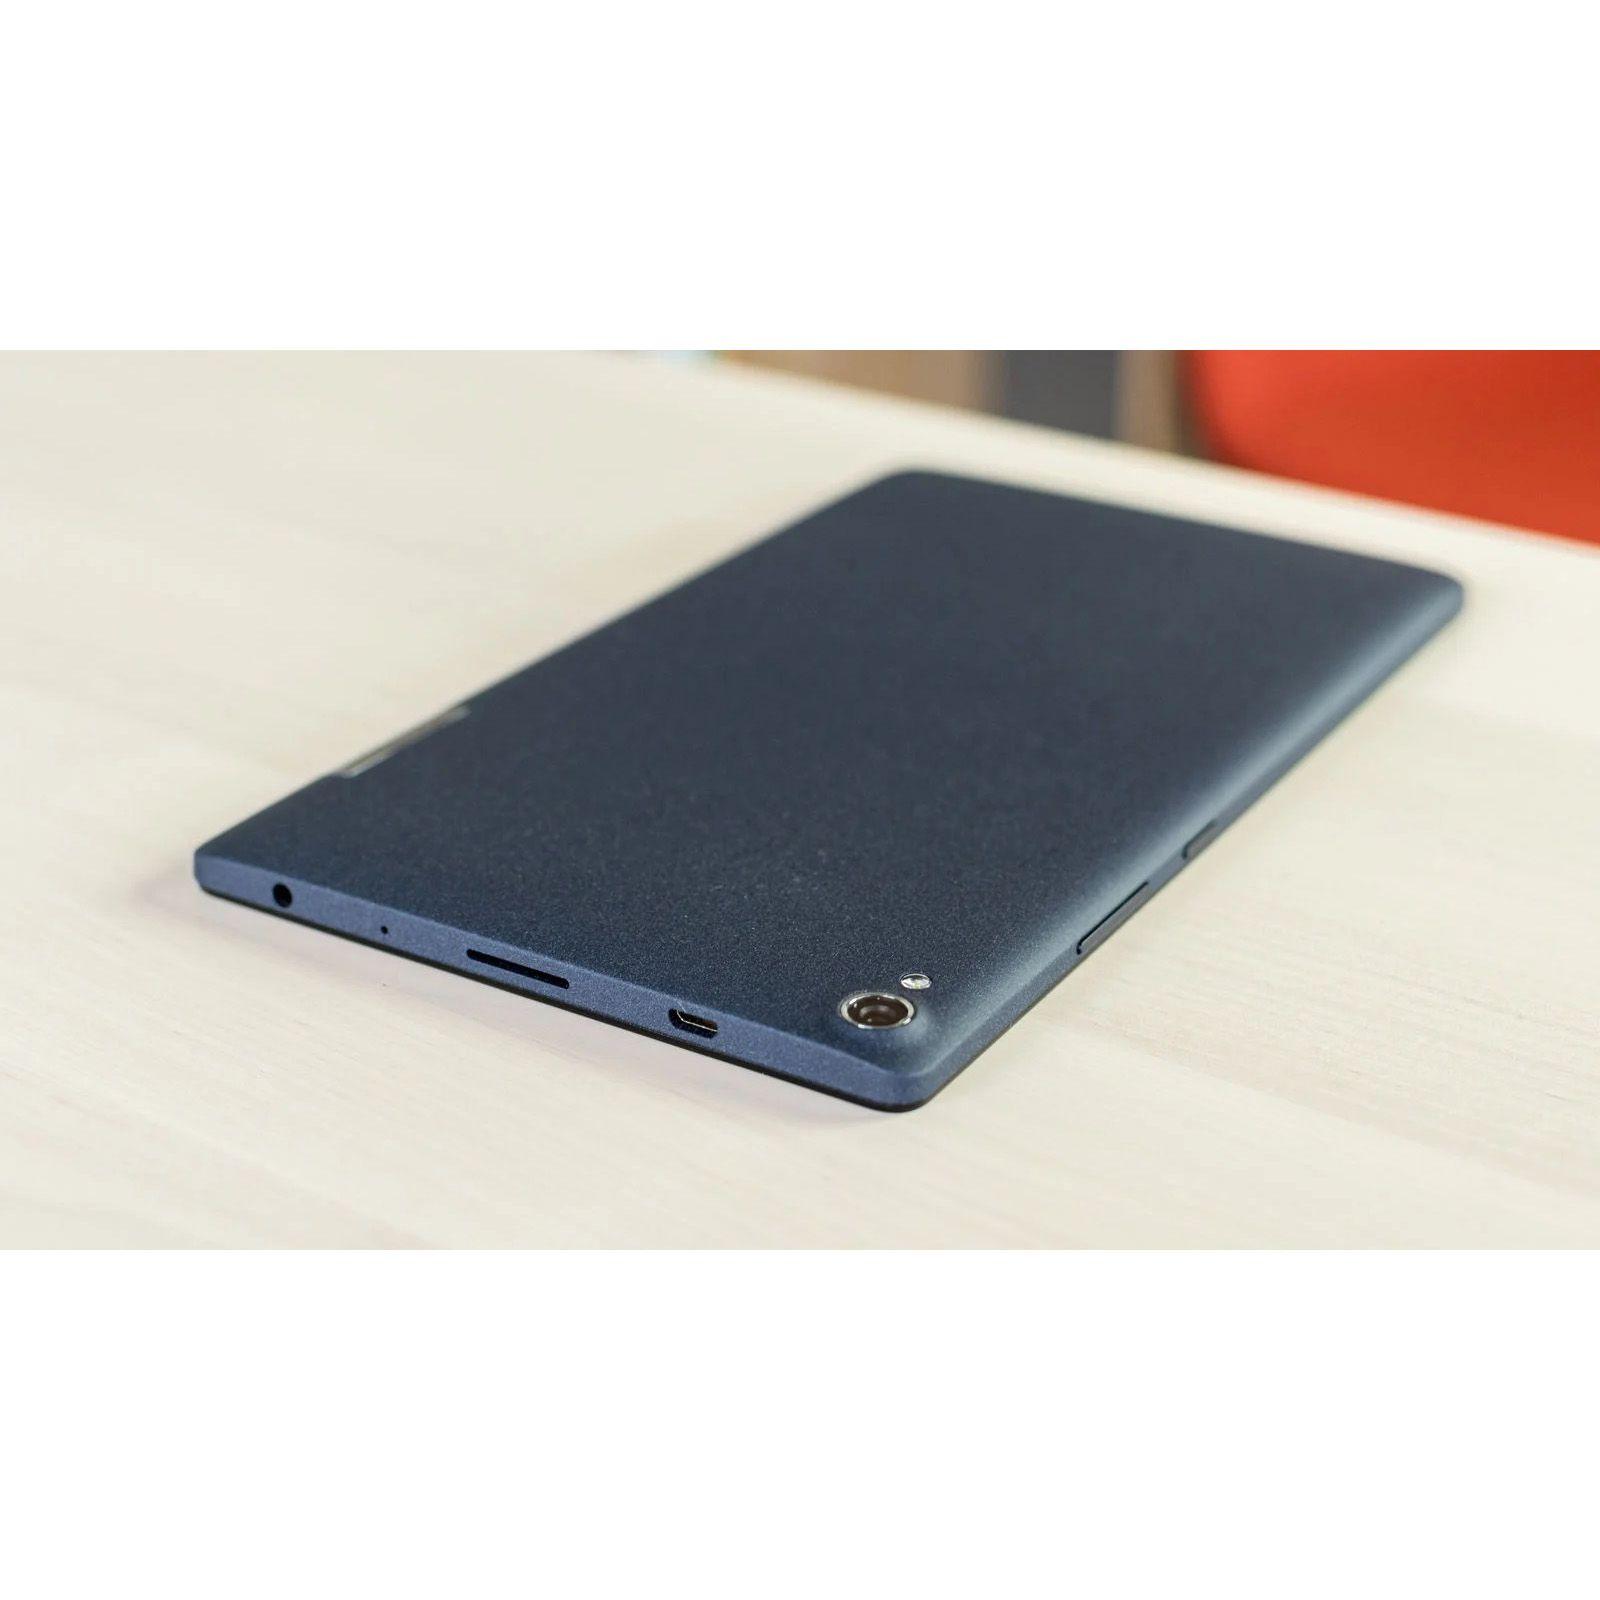 تبلت لنوو مدل Tab3 8 Plus TB-8703R ظرفیت 16 گیگابایت main 1 17